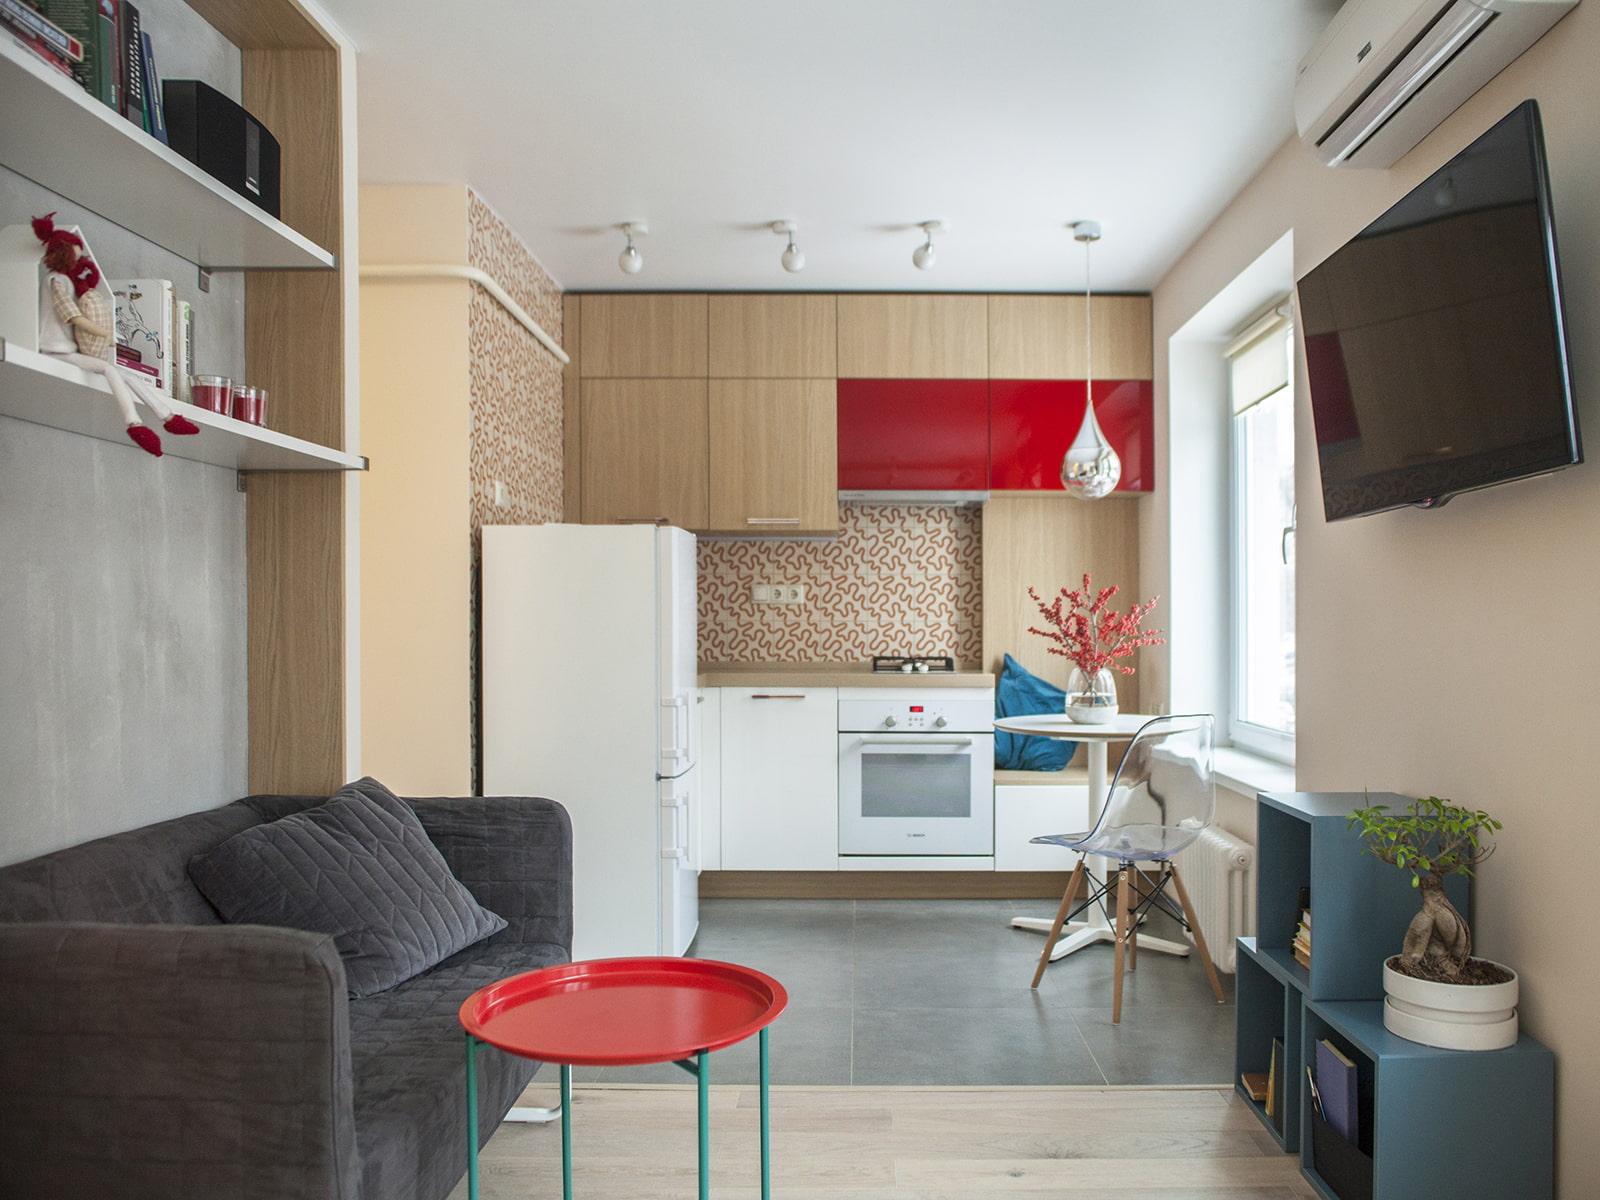 Дизайн кухни-студии 15, 16, 17 кв. м. (60 фото): кухня-гостиная 16 метров в квартире с одним окном